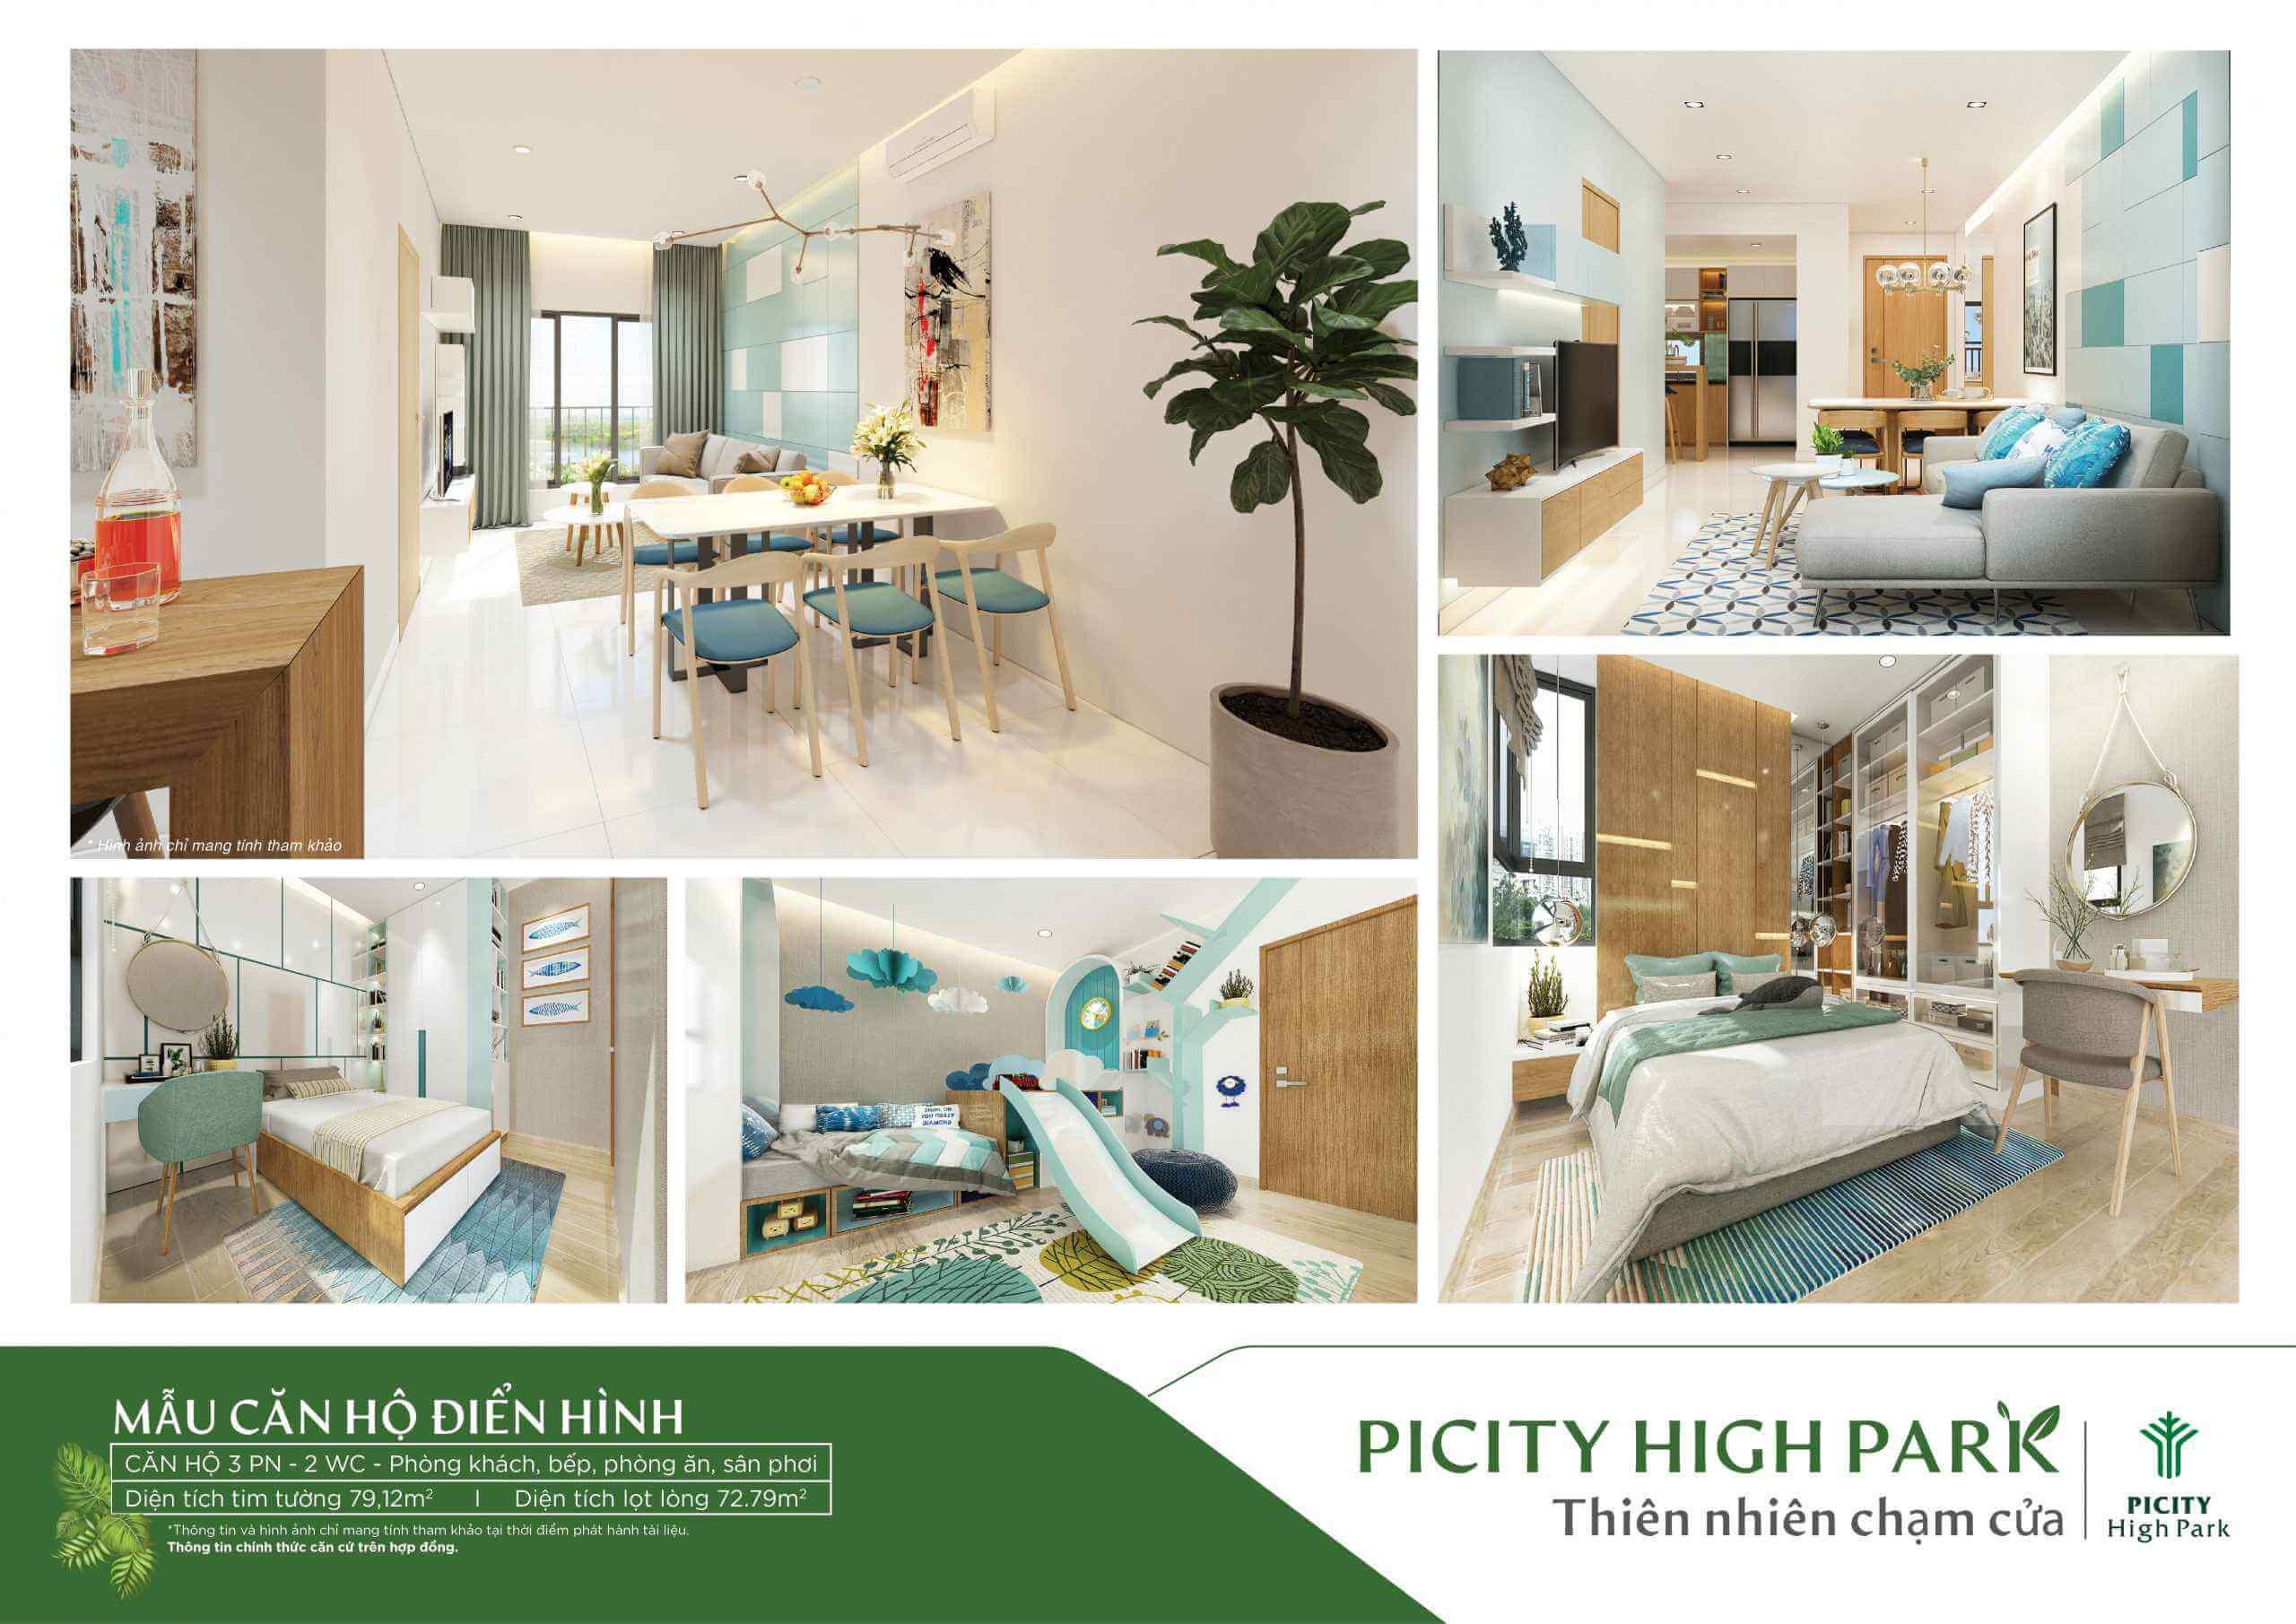 Thiết kế căn hộ mẫu dự án Picity High Park